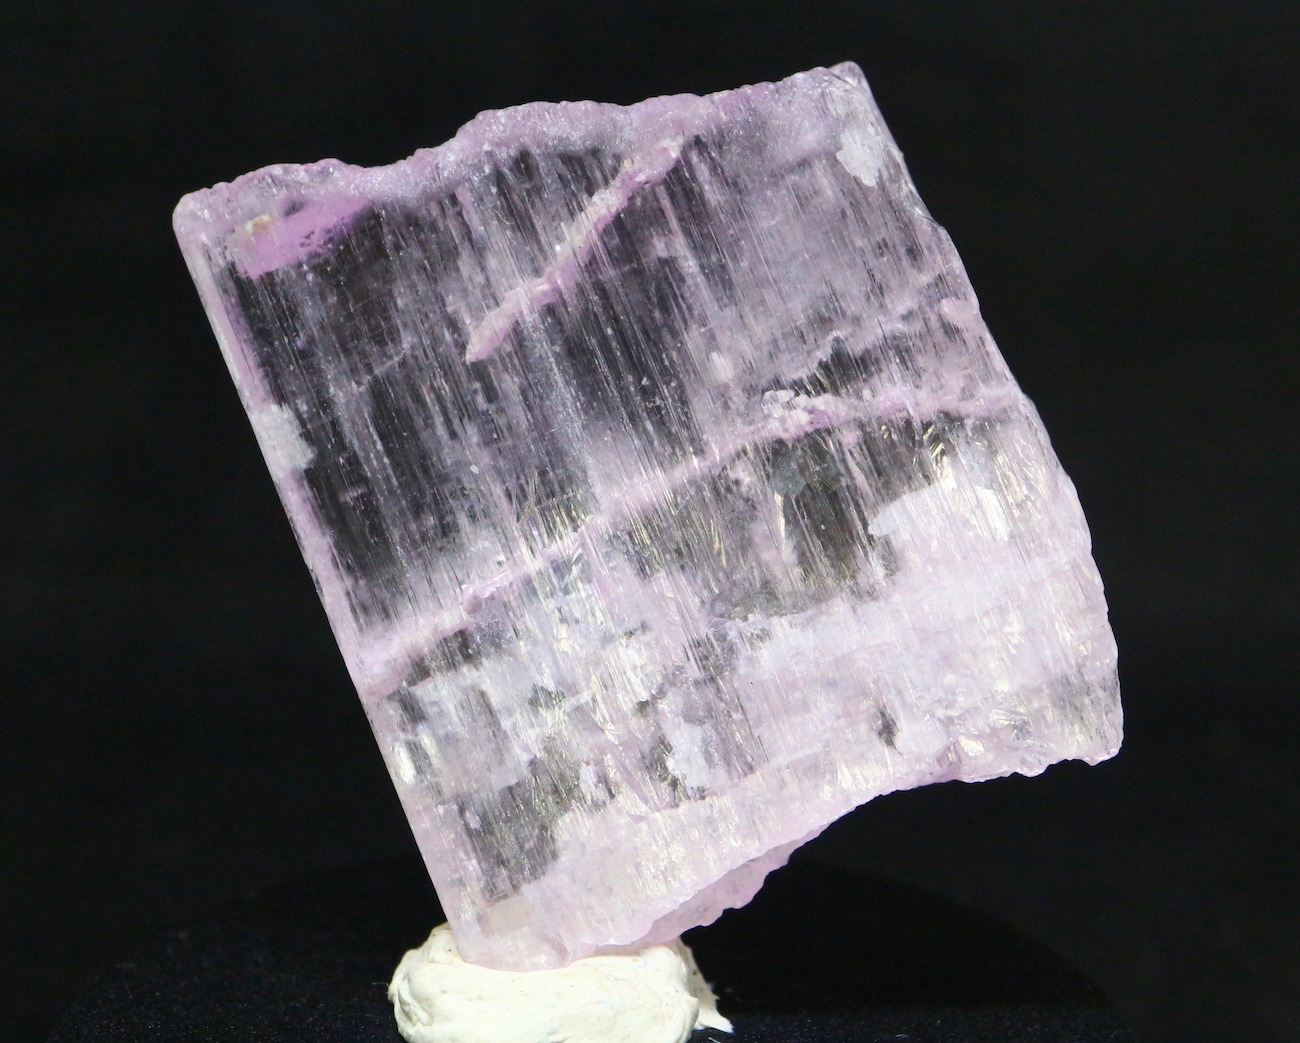 カリフォルニア産!クンツァイト 原石 自主採掘8.5g リシア輝石  KZ019